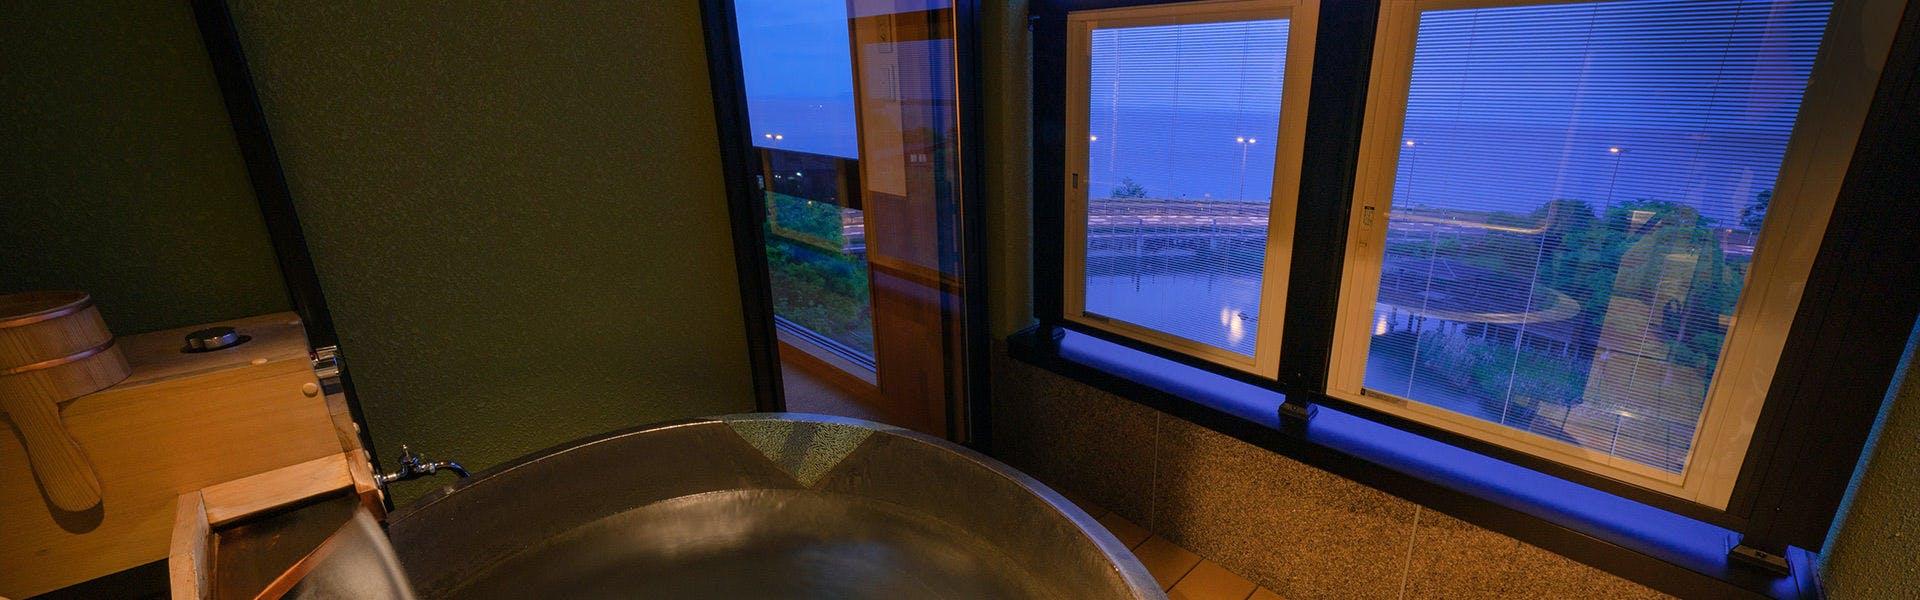 記念日におすすめのホテル・レジーナリゾートびわ湖長浜の写真3